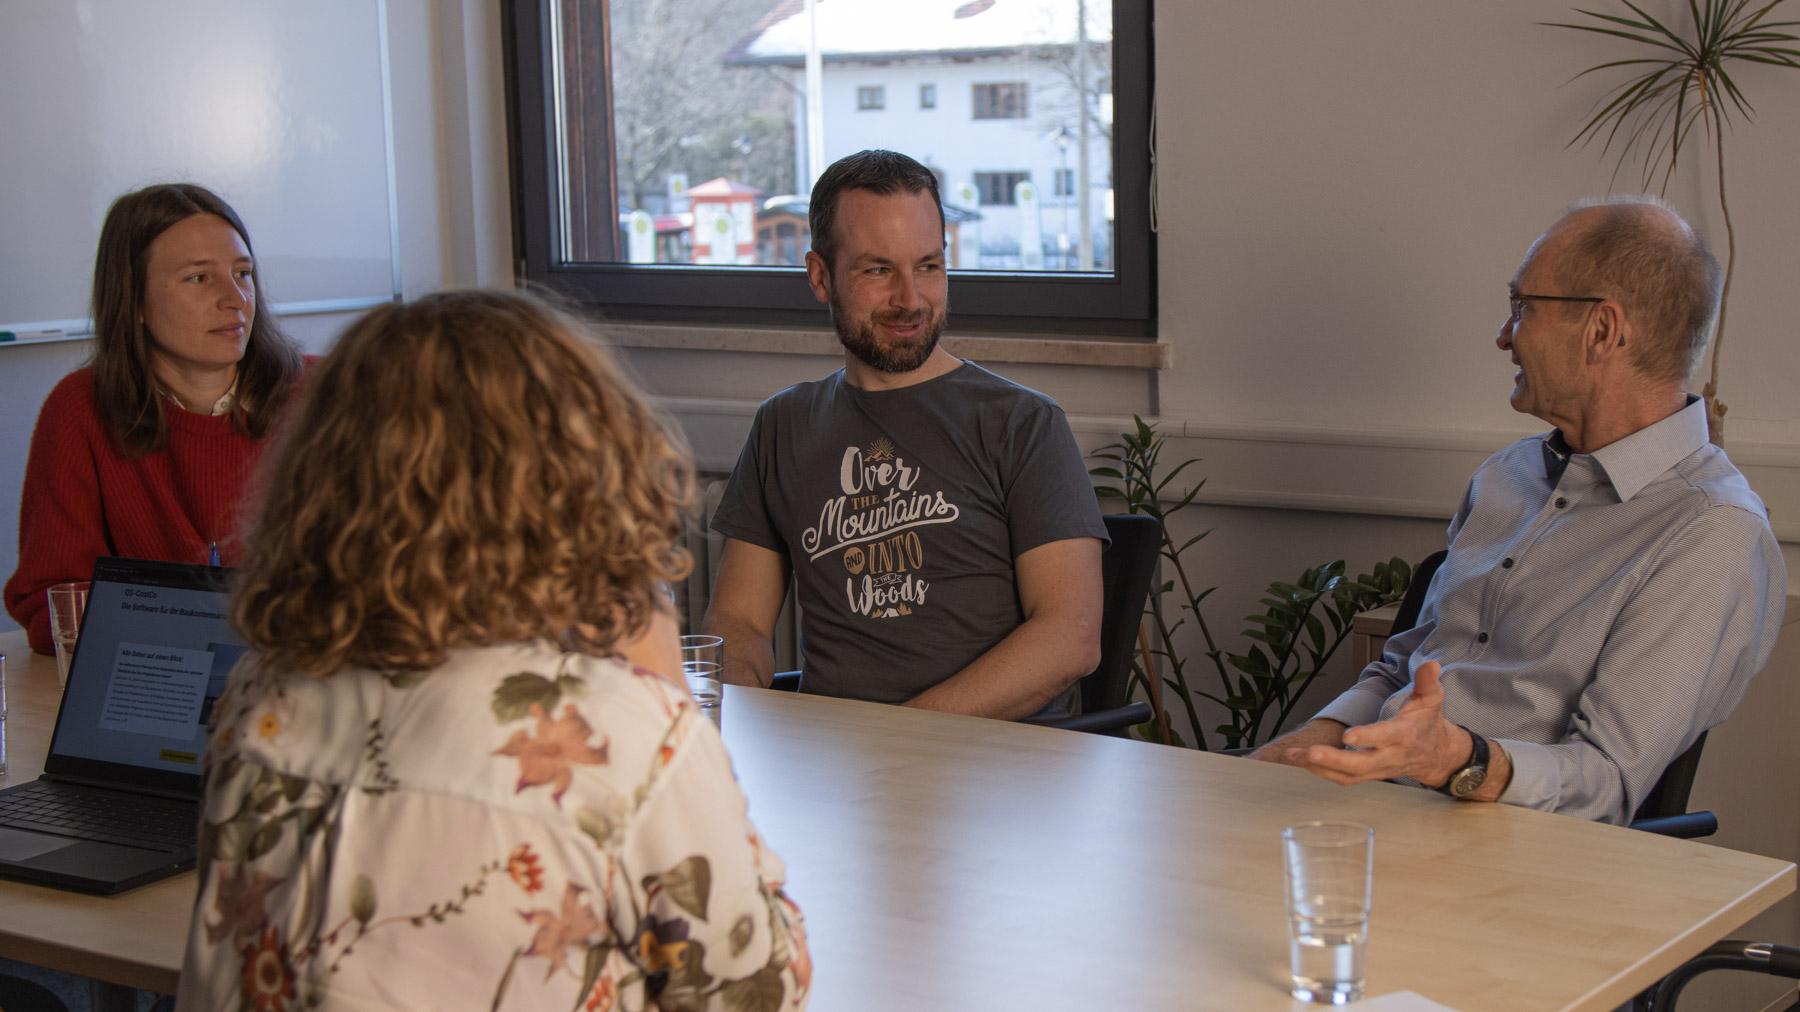 Quattro-Soft-Teammitglieder bei einer QS-CostCo-Besprechung.